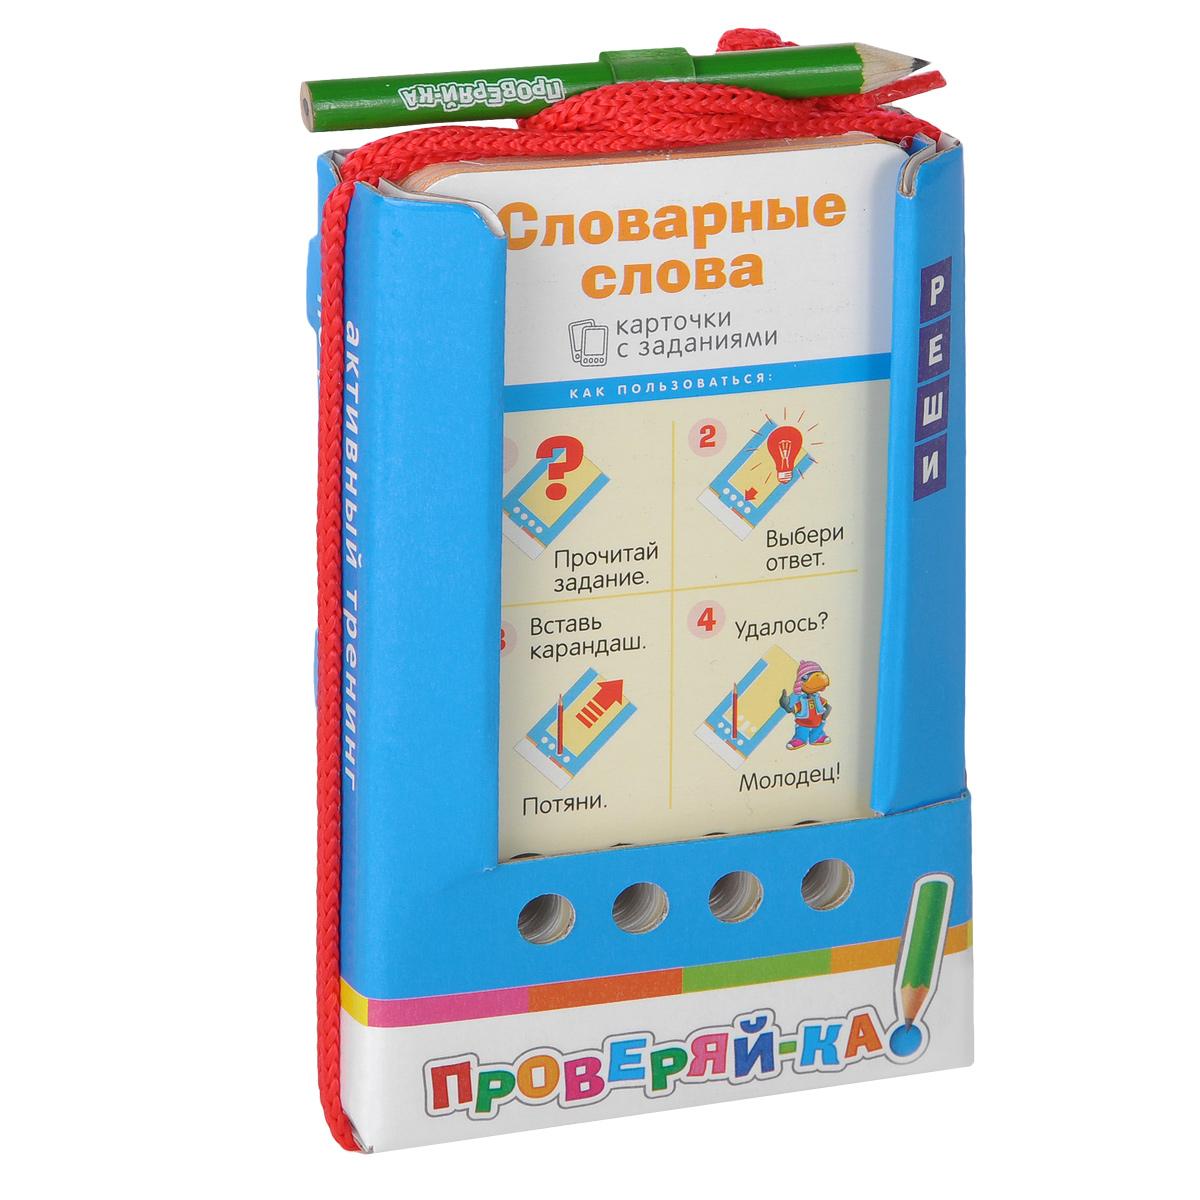 Айрис-пресс Обучающая игра Словарные слова айрис пресс обучающая игра счет и форма для детей 4 6 лет